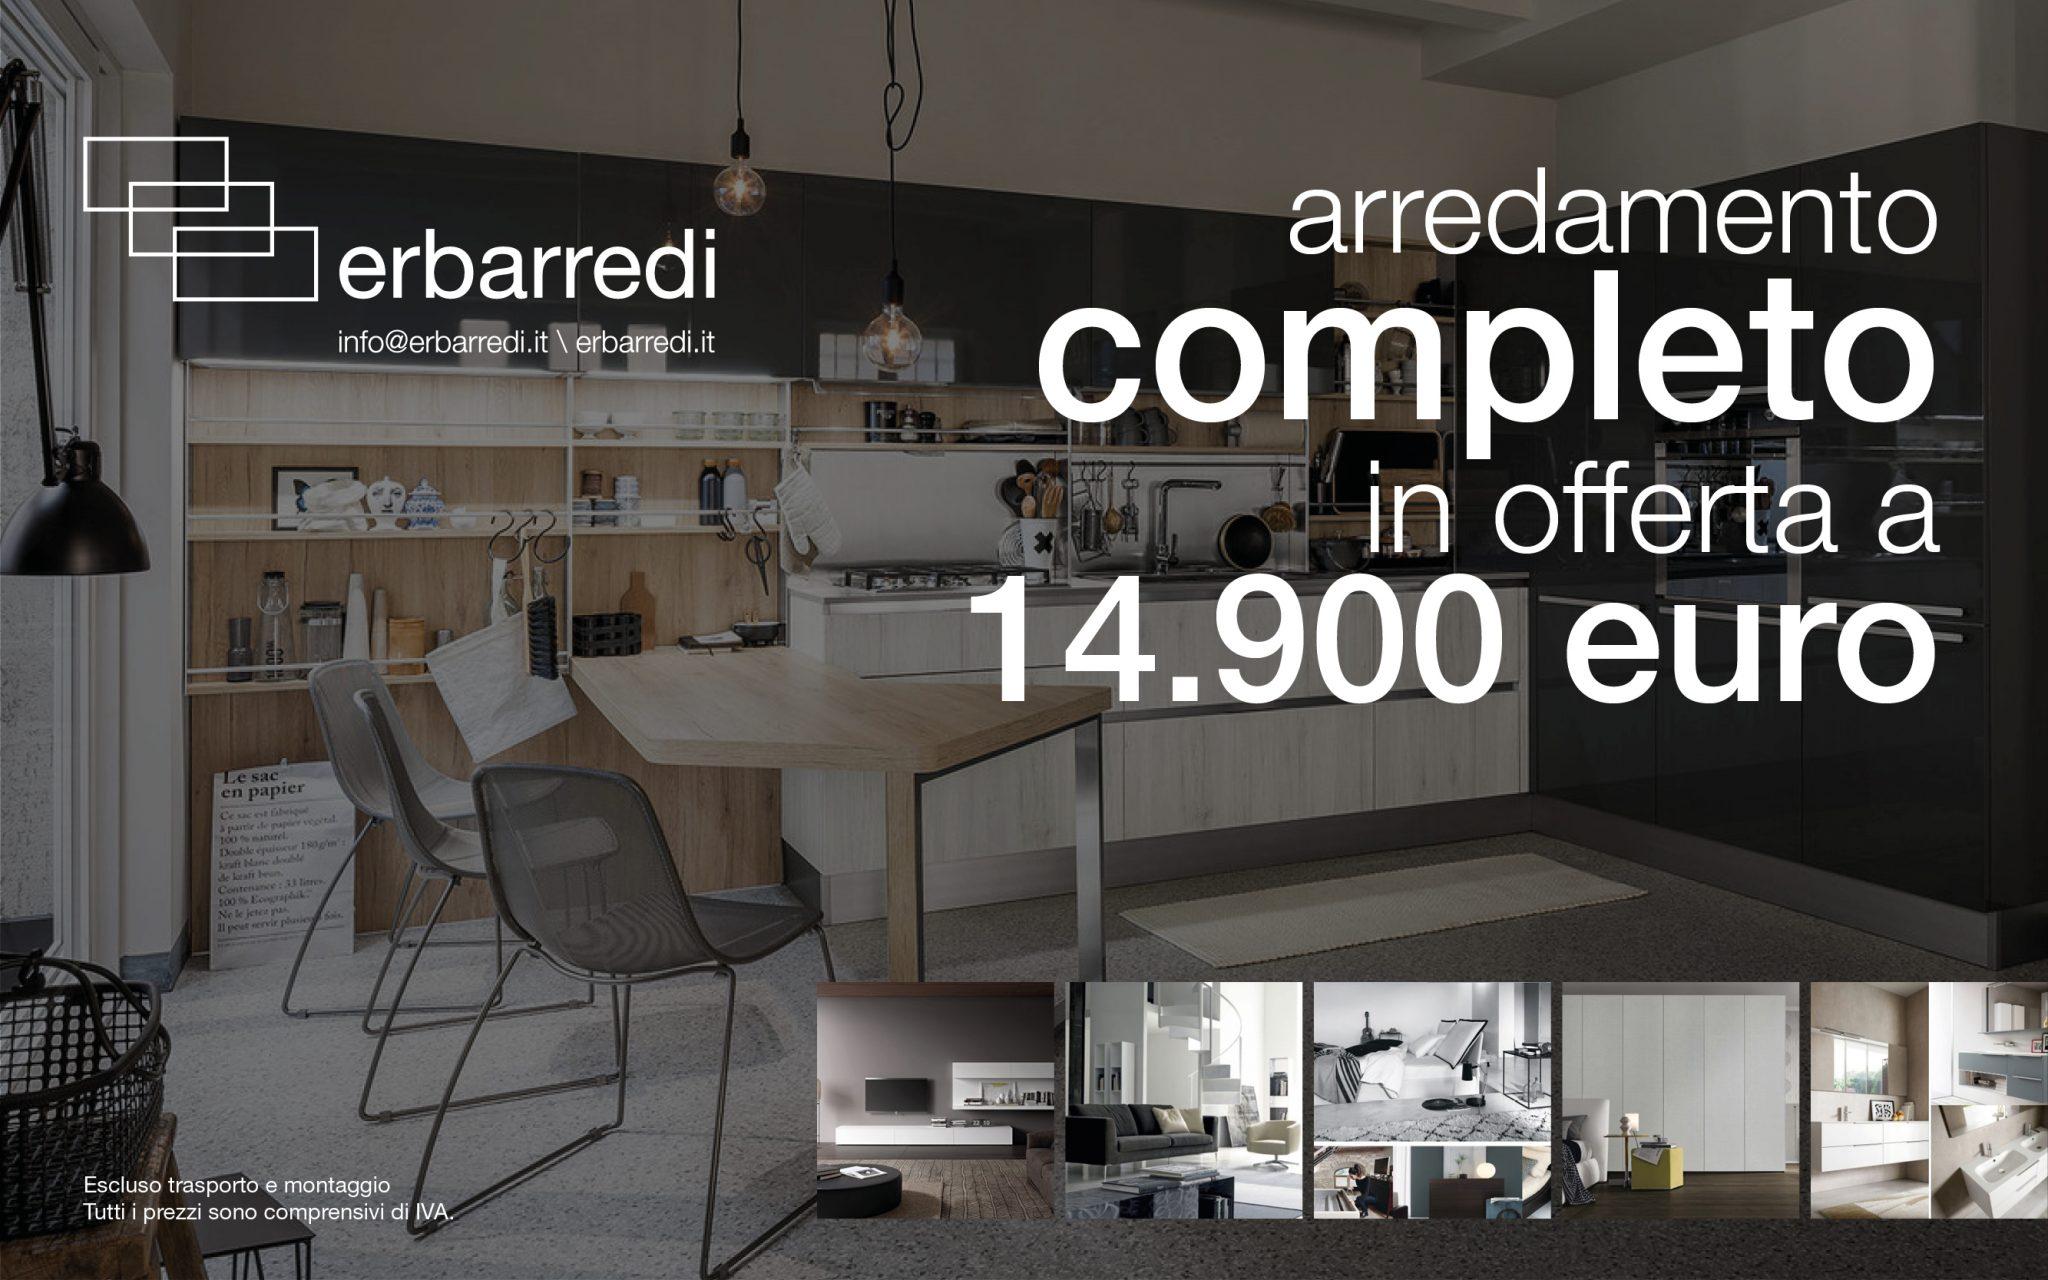 Promozione appartamento completo a soli euro for Arredamento appartamento completo